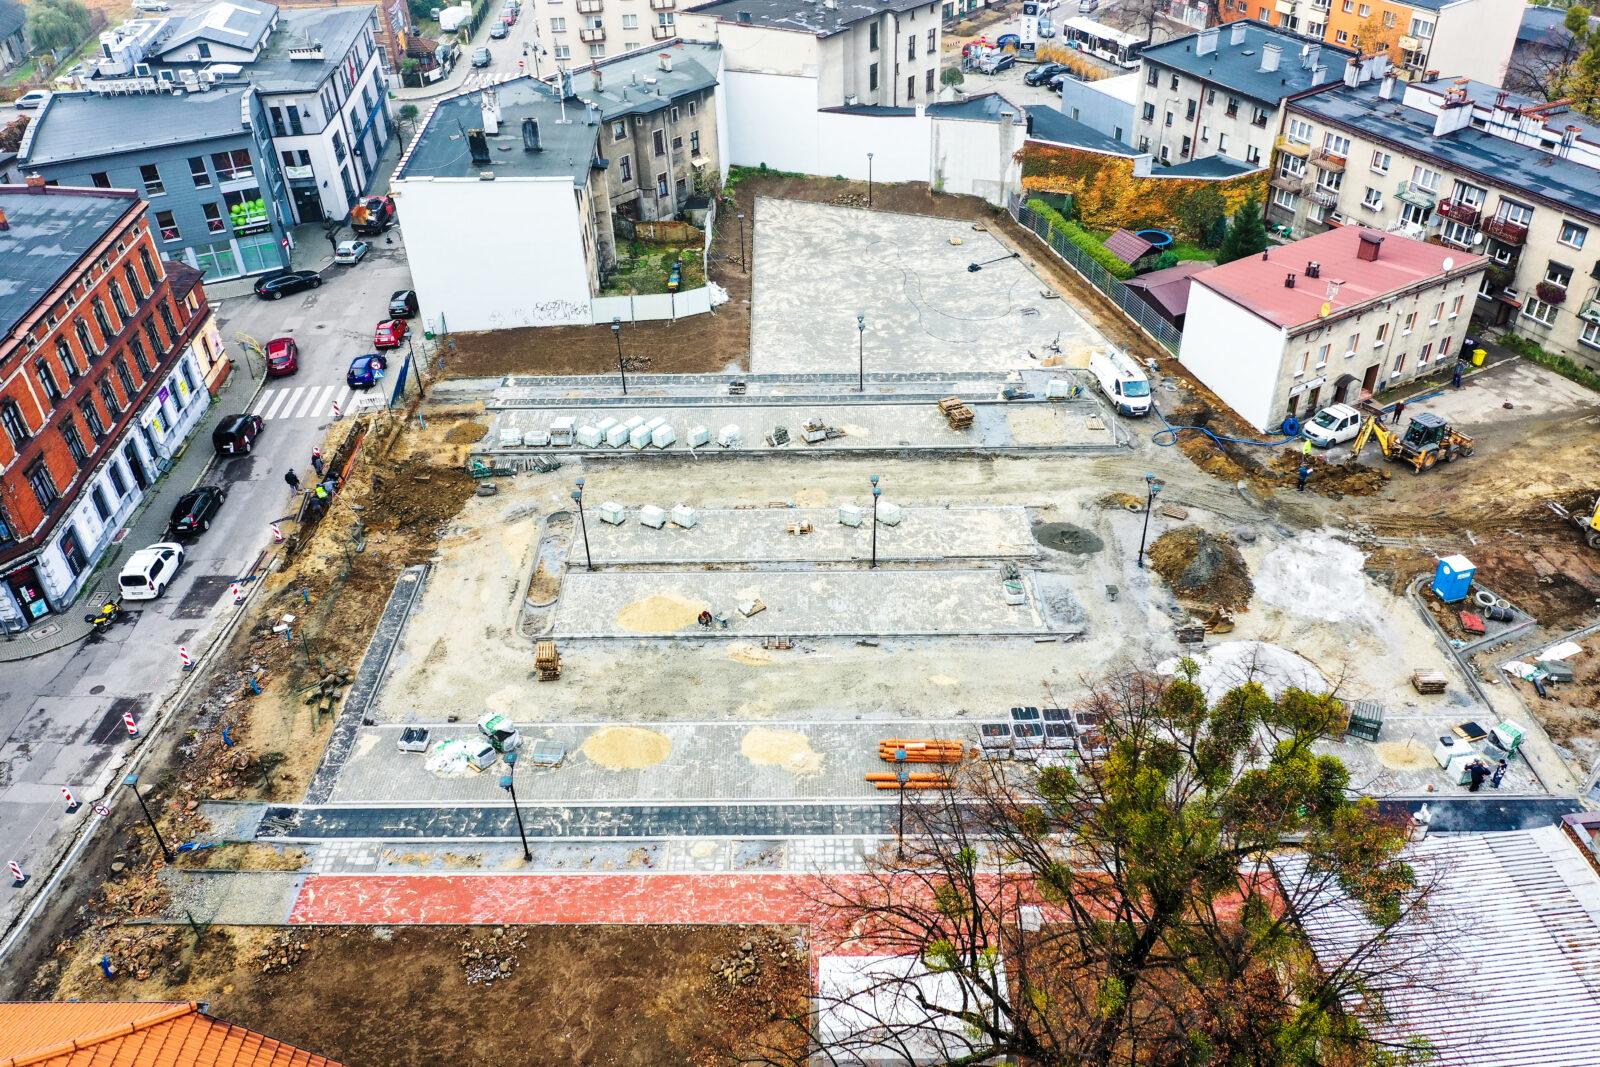 Budowa parkingu na ternie po byłym Tarmilo - widok z lotu ptaka